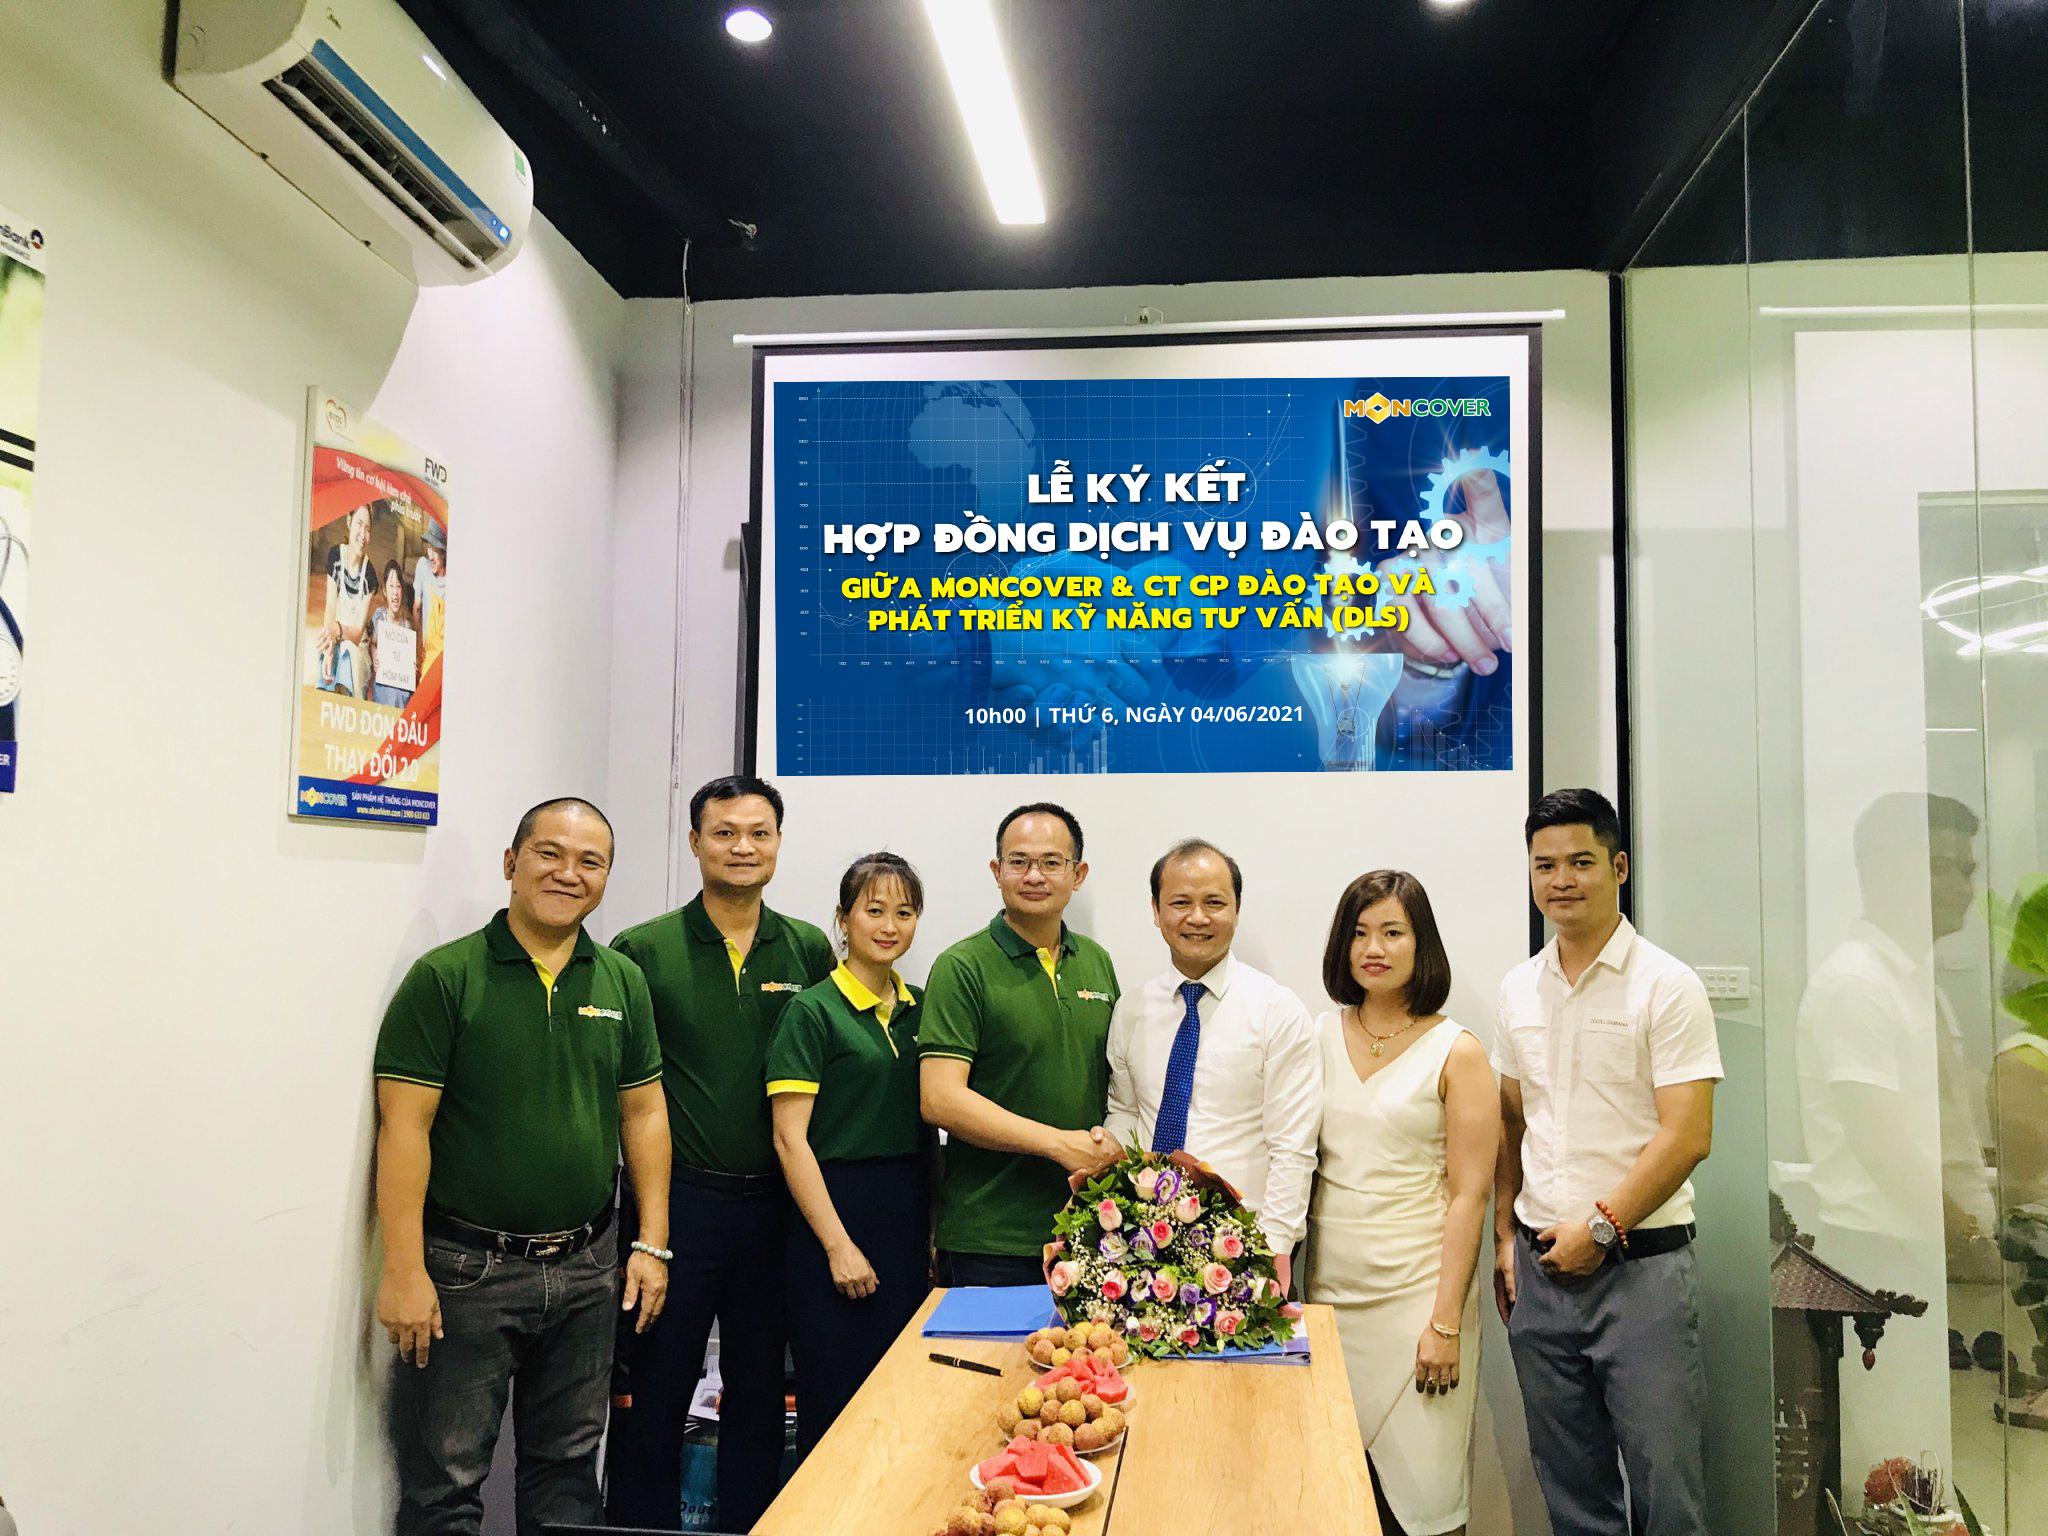 Lễ ký kết hợp tác giữa Moncover với Công ty cổ phần đào tạo và phát triển kỹ năng tư vấn (DLS)